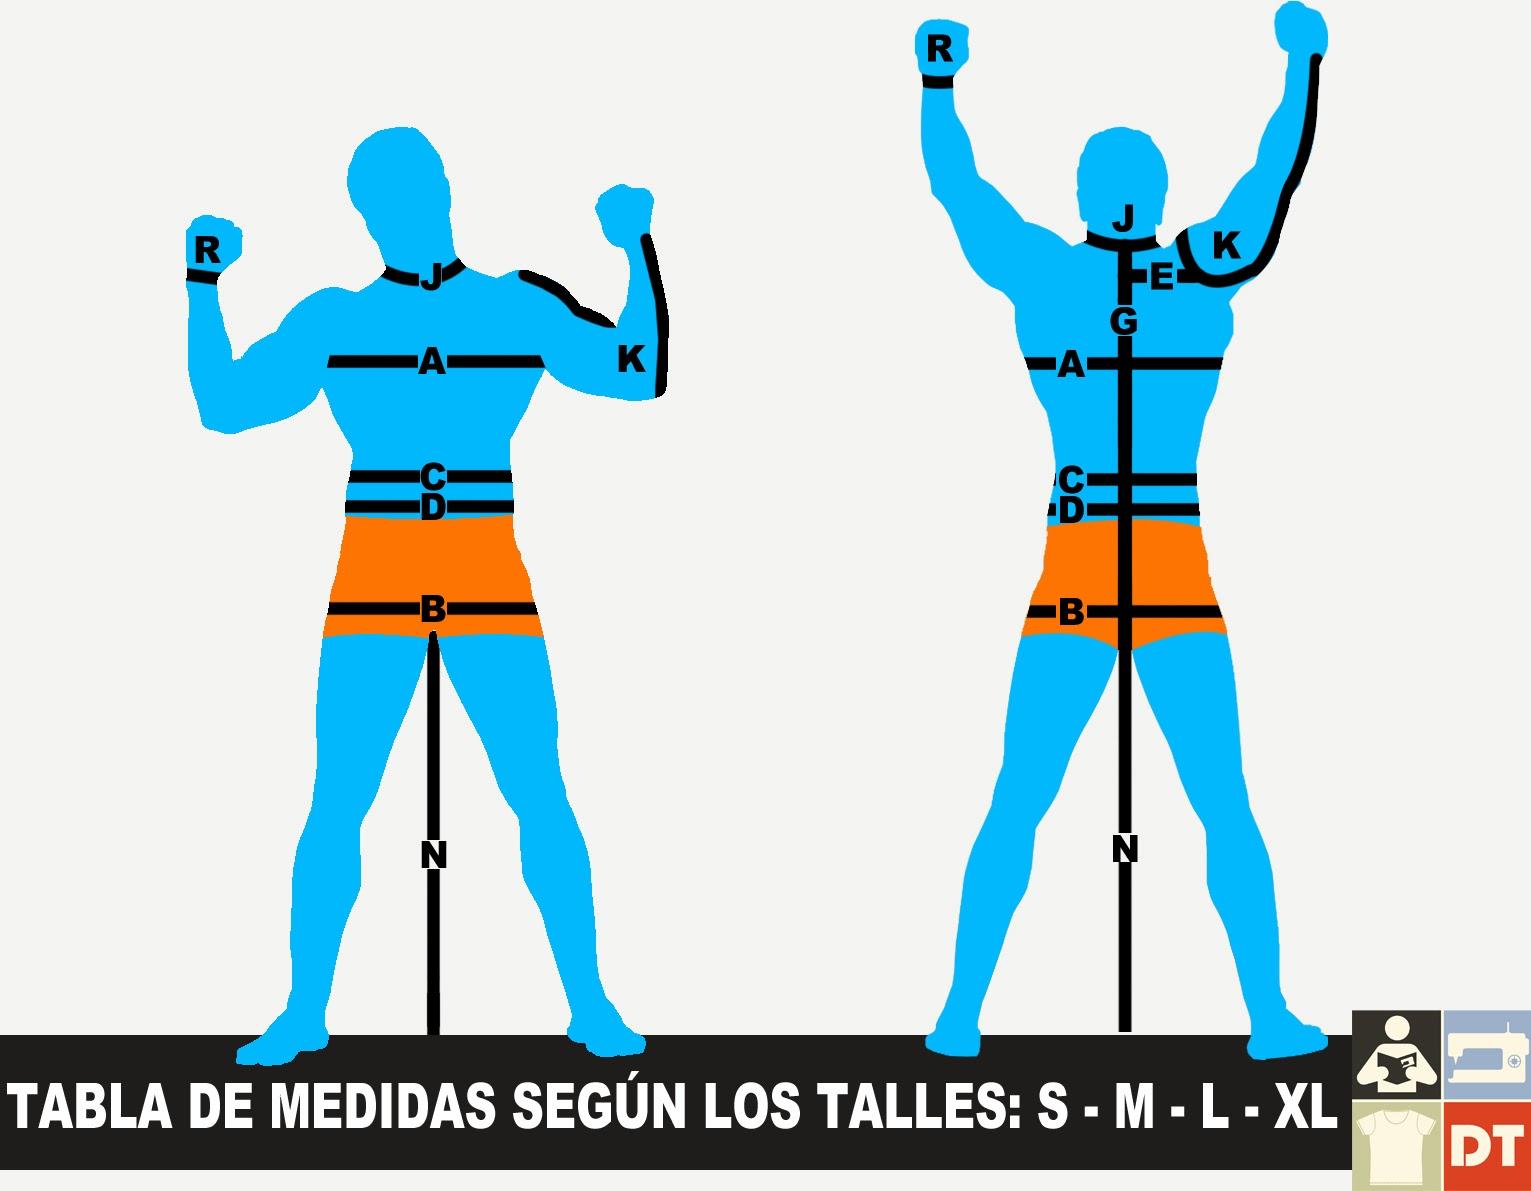 d844706b240 Esta tabla de medidas para hombres se basa en el sistema de tallas que  utiliza las siguientes denominaciones  S   small (chico)  M   medium  (mediano)  L ...